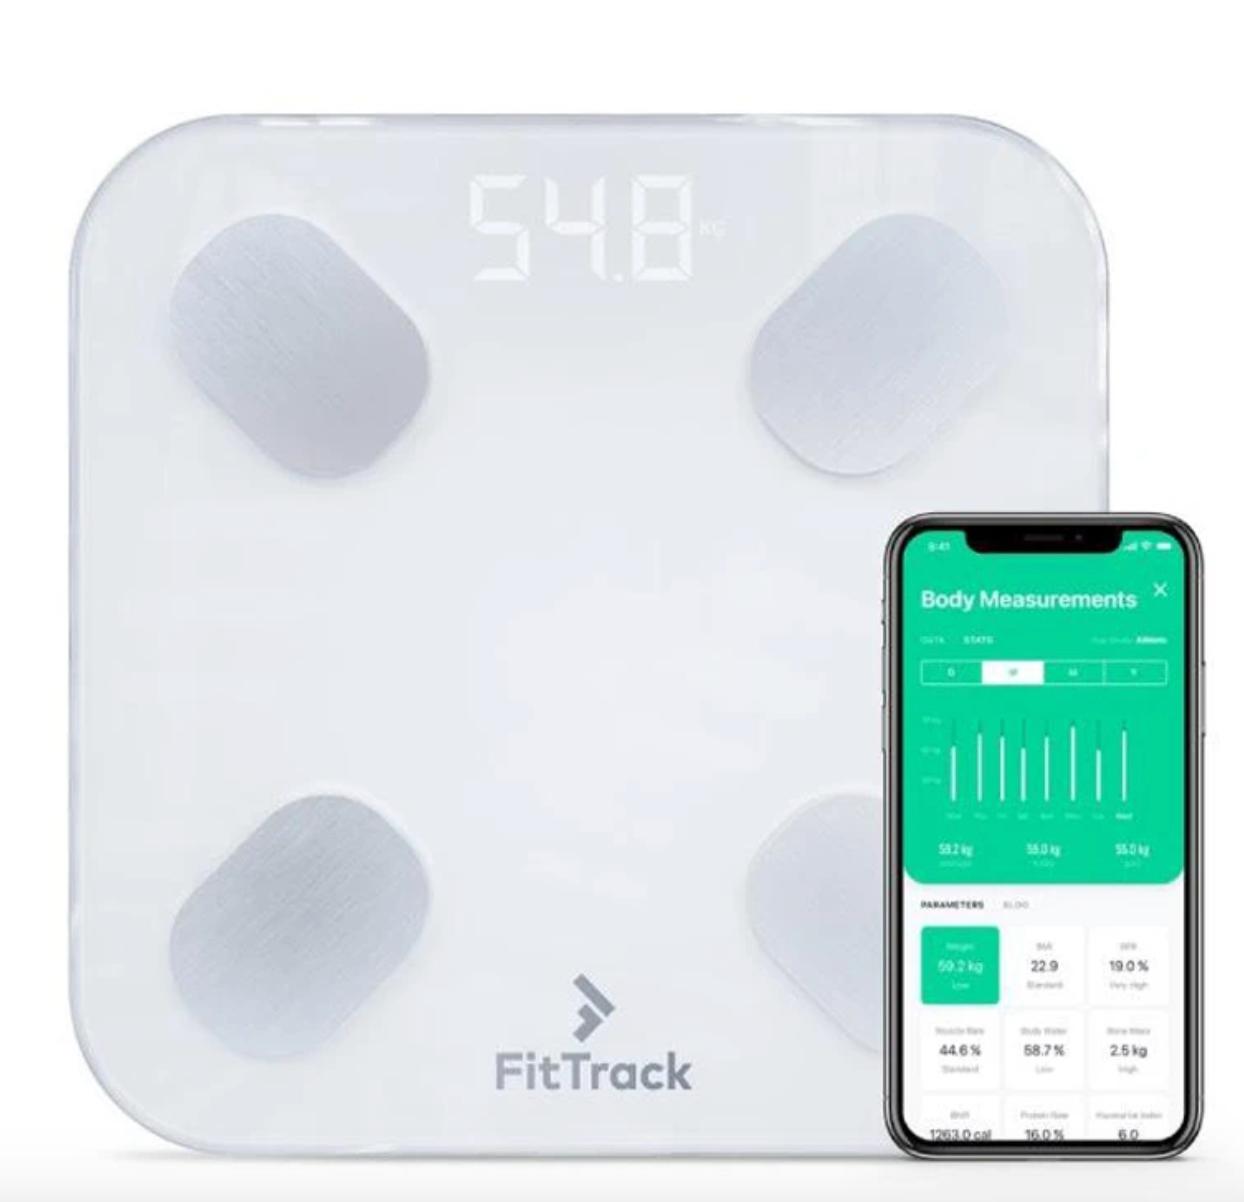 FitTrack BMI Smart Scale